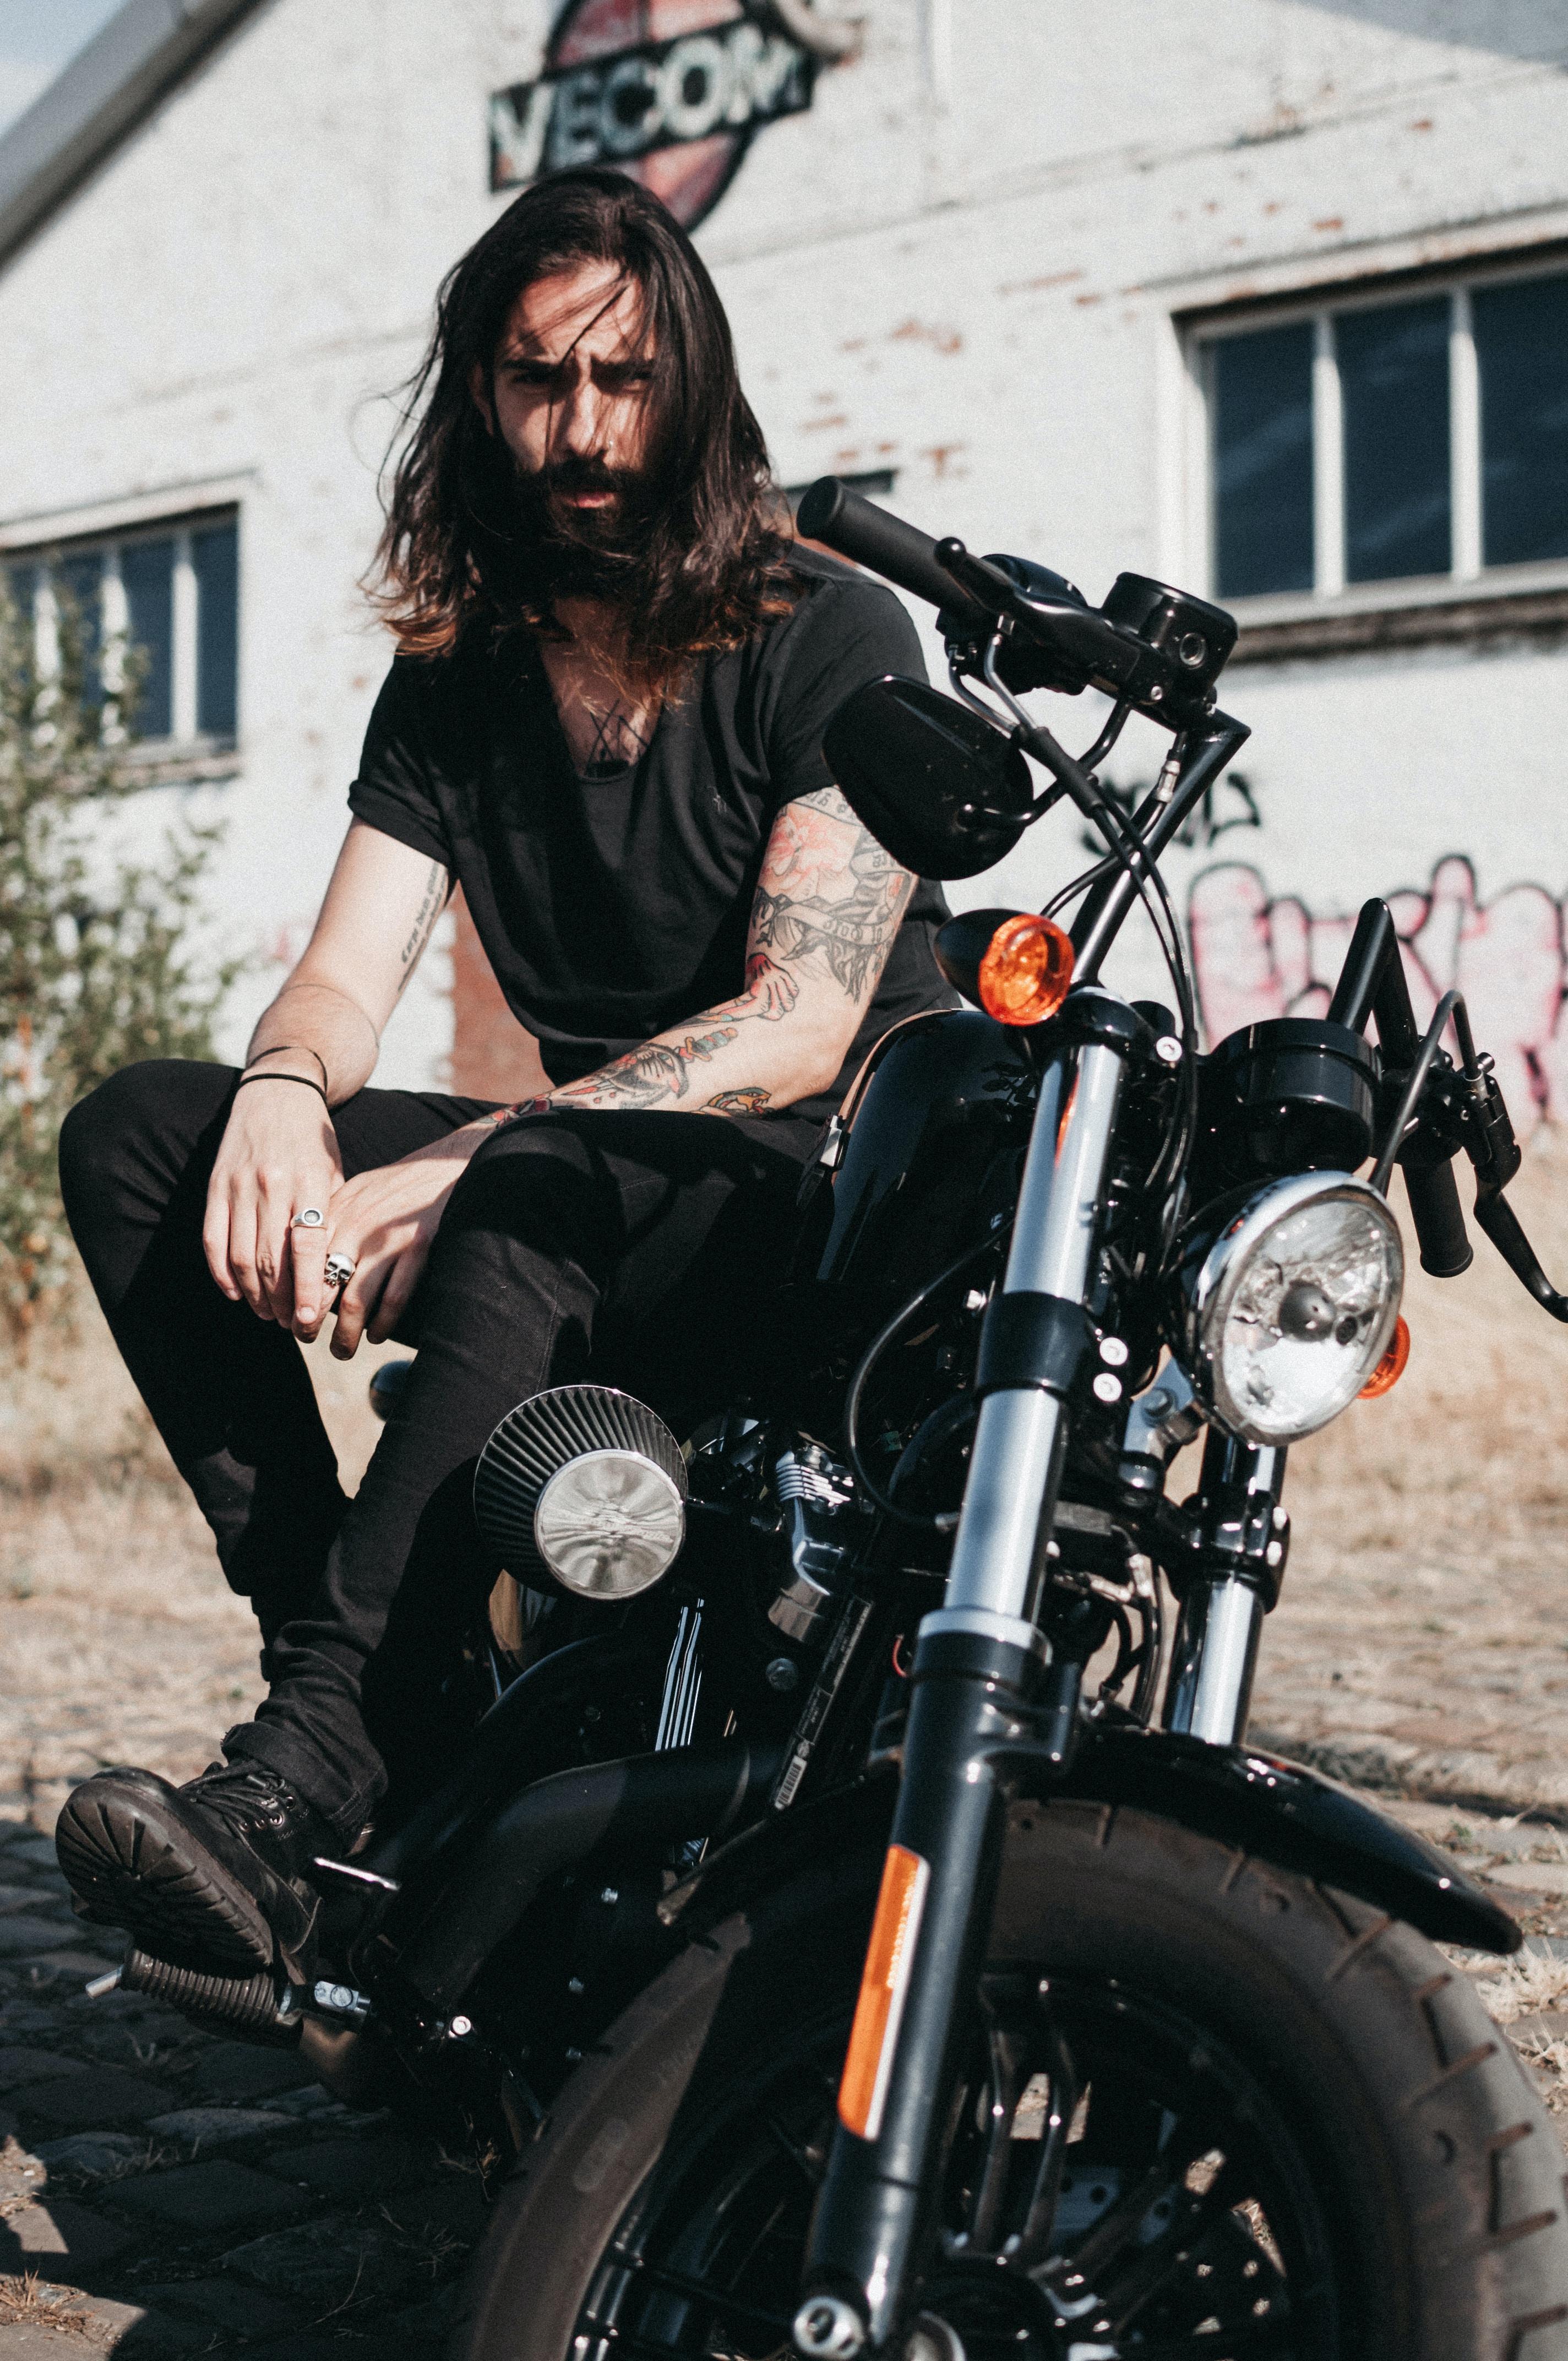 biker pictures [hq] | download free images on unsplash